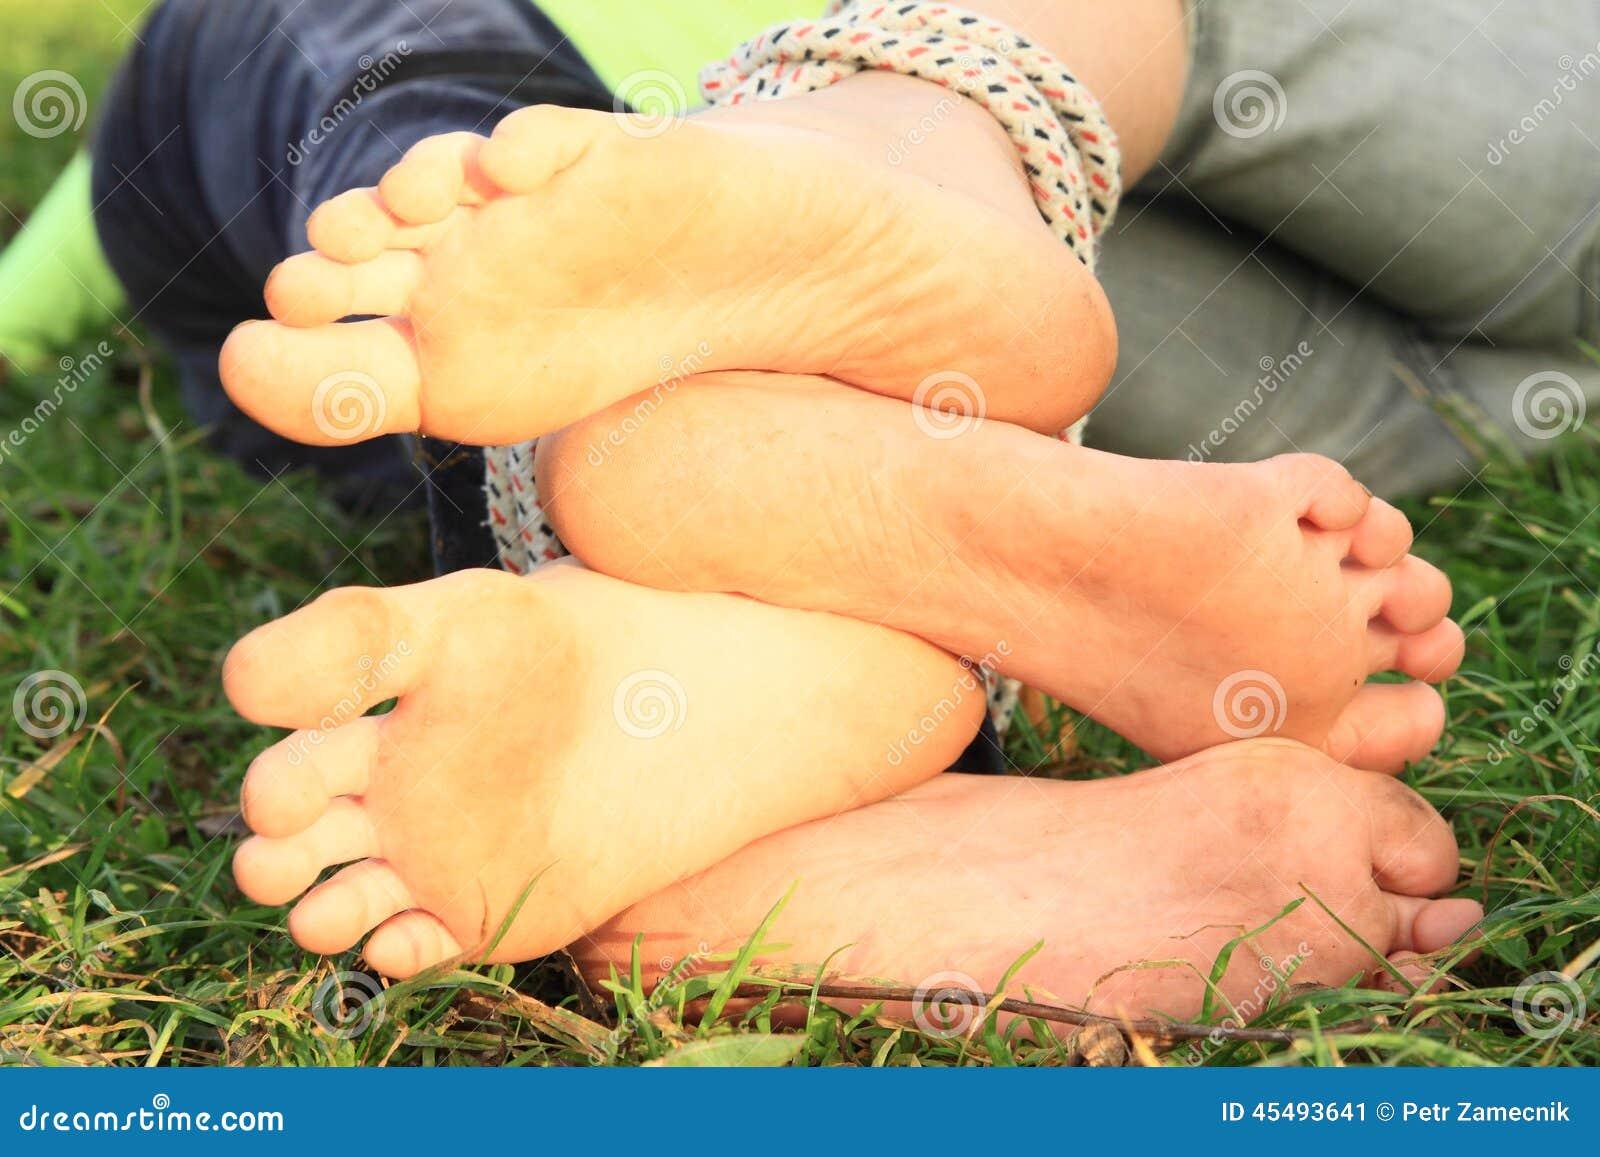 GirlsÂ赤脚鞋底